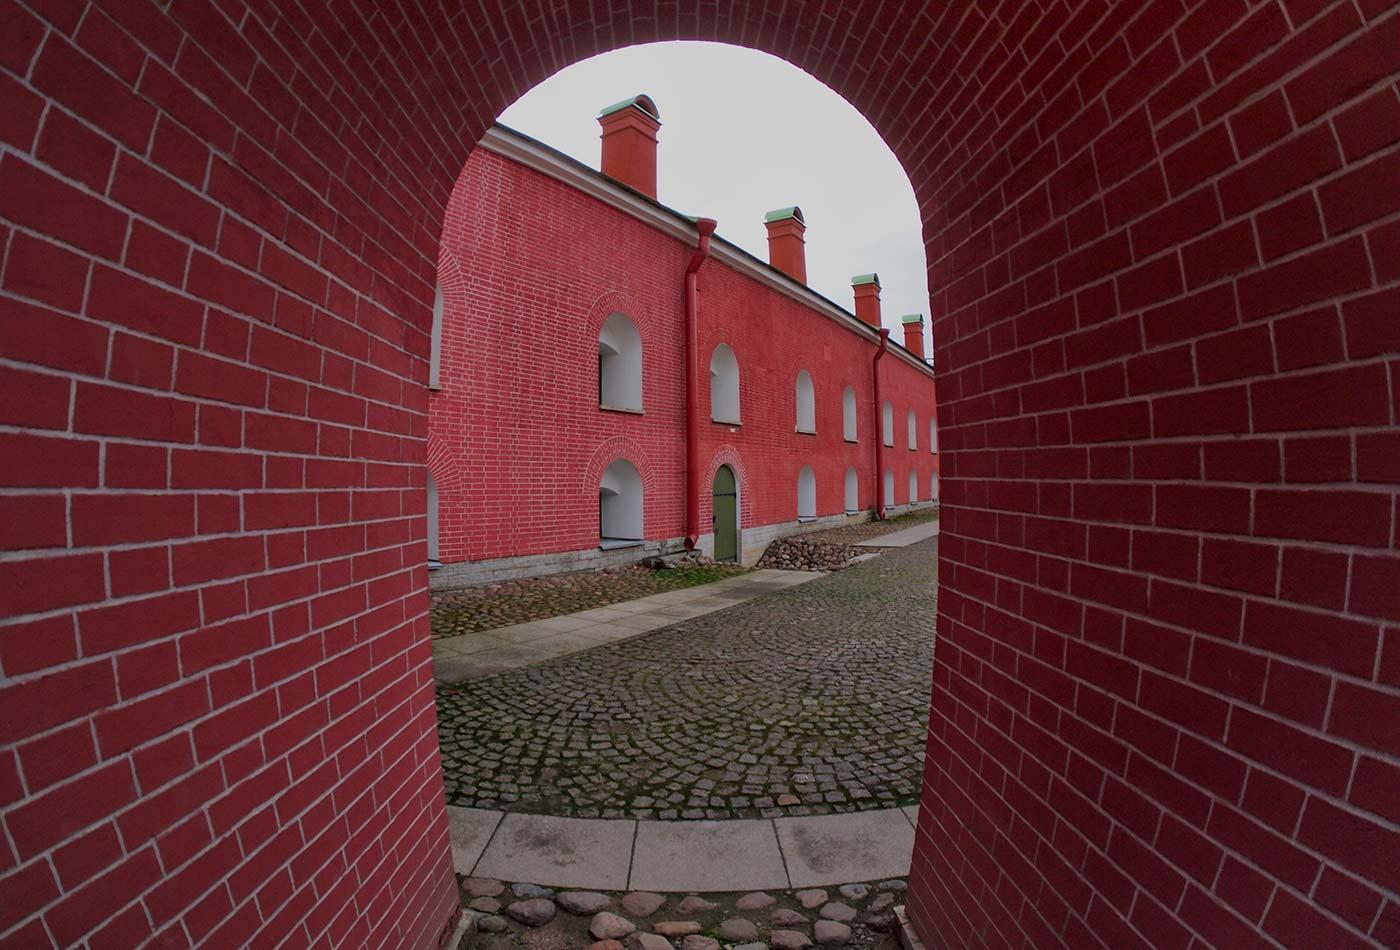 Brick Walls.